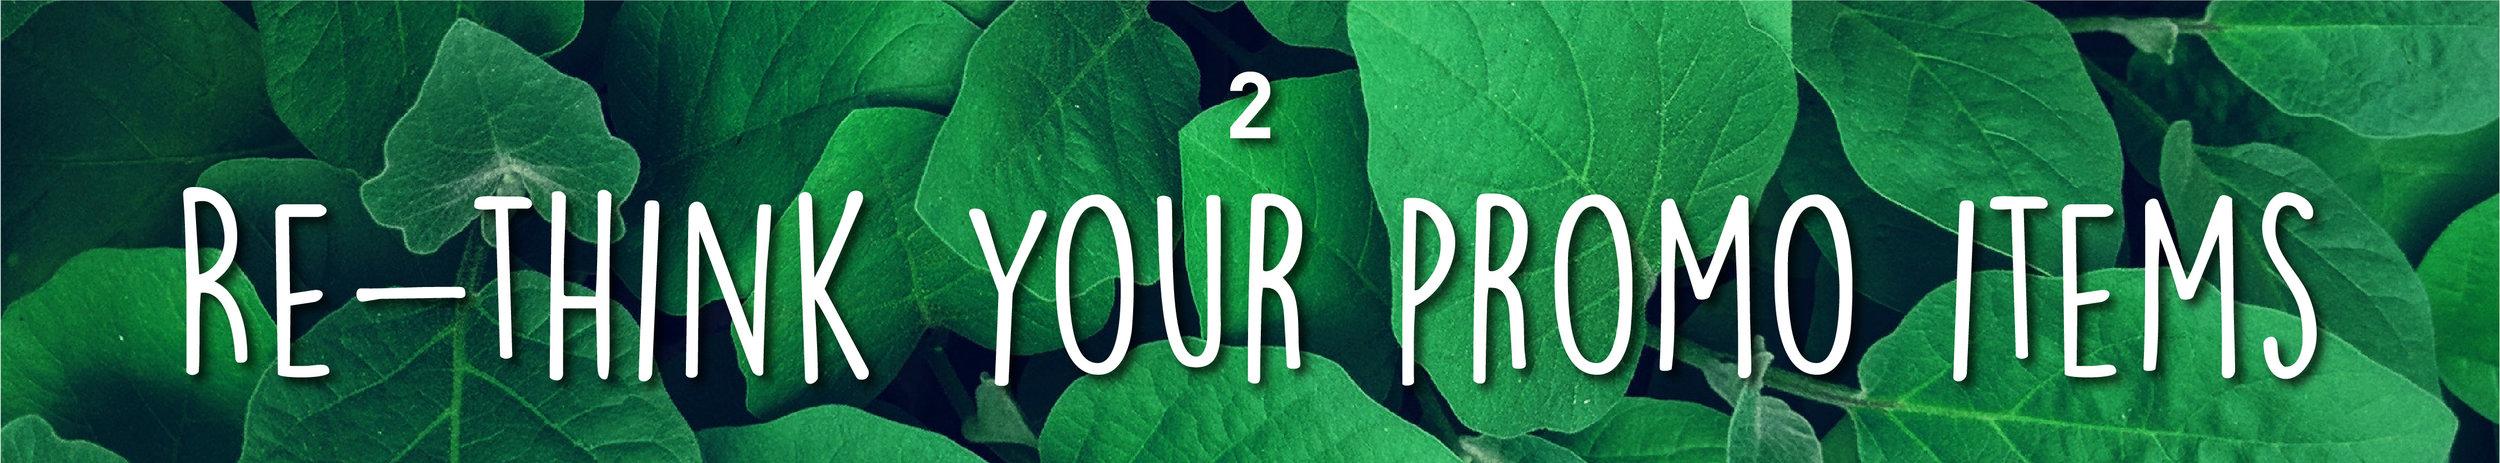 Week34-SustainableMarketing_InBlog_1 copy 14.jpg